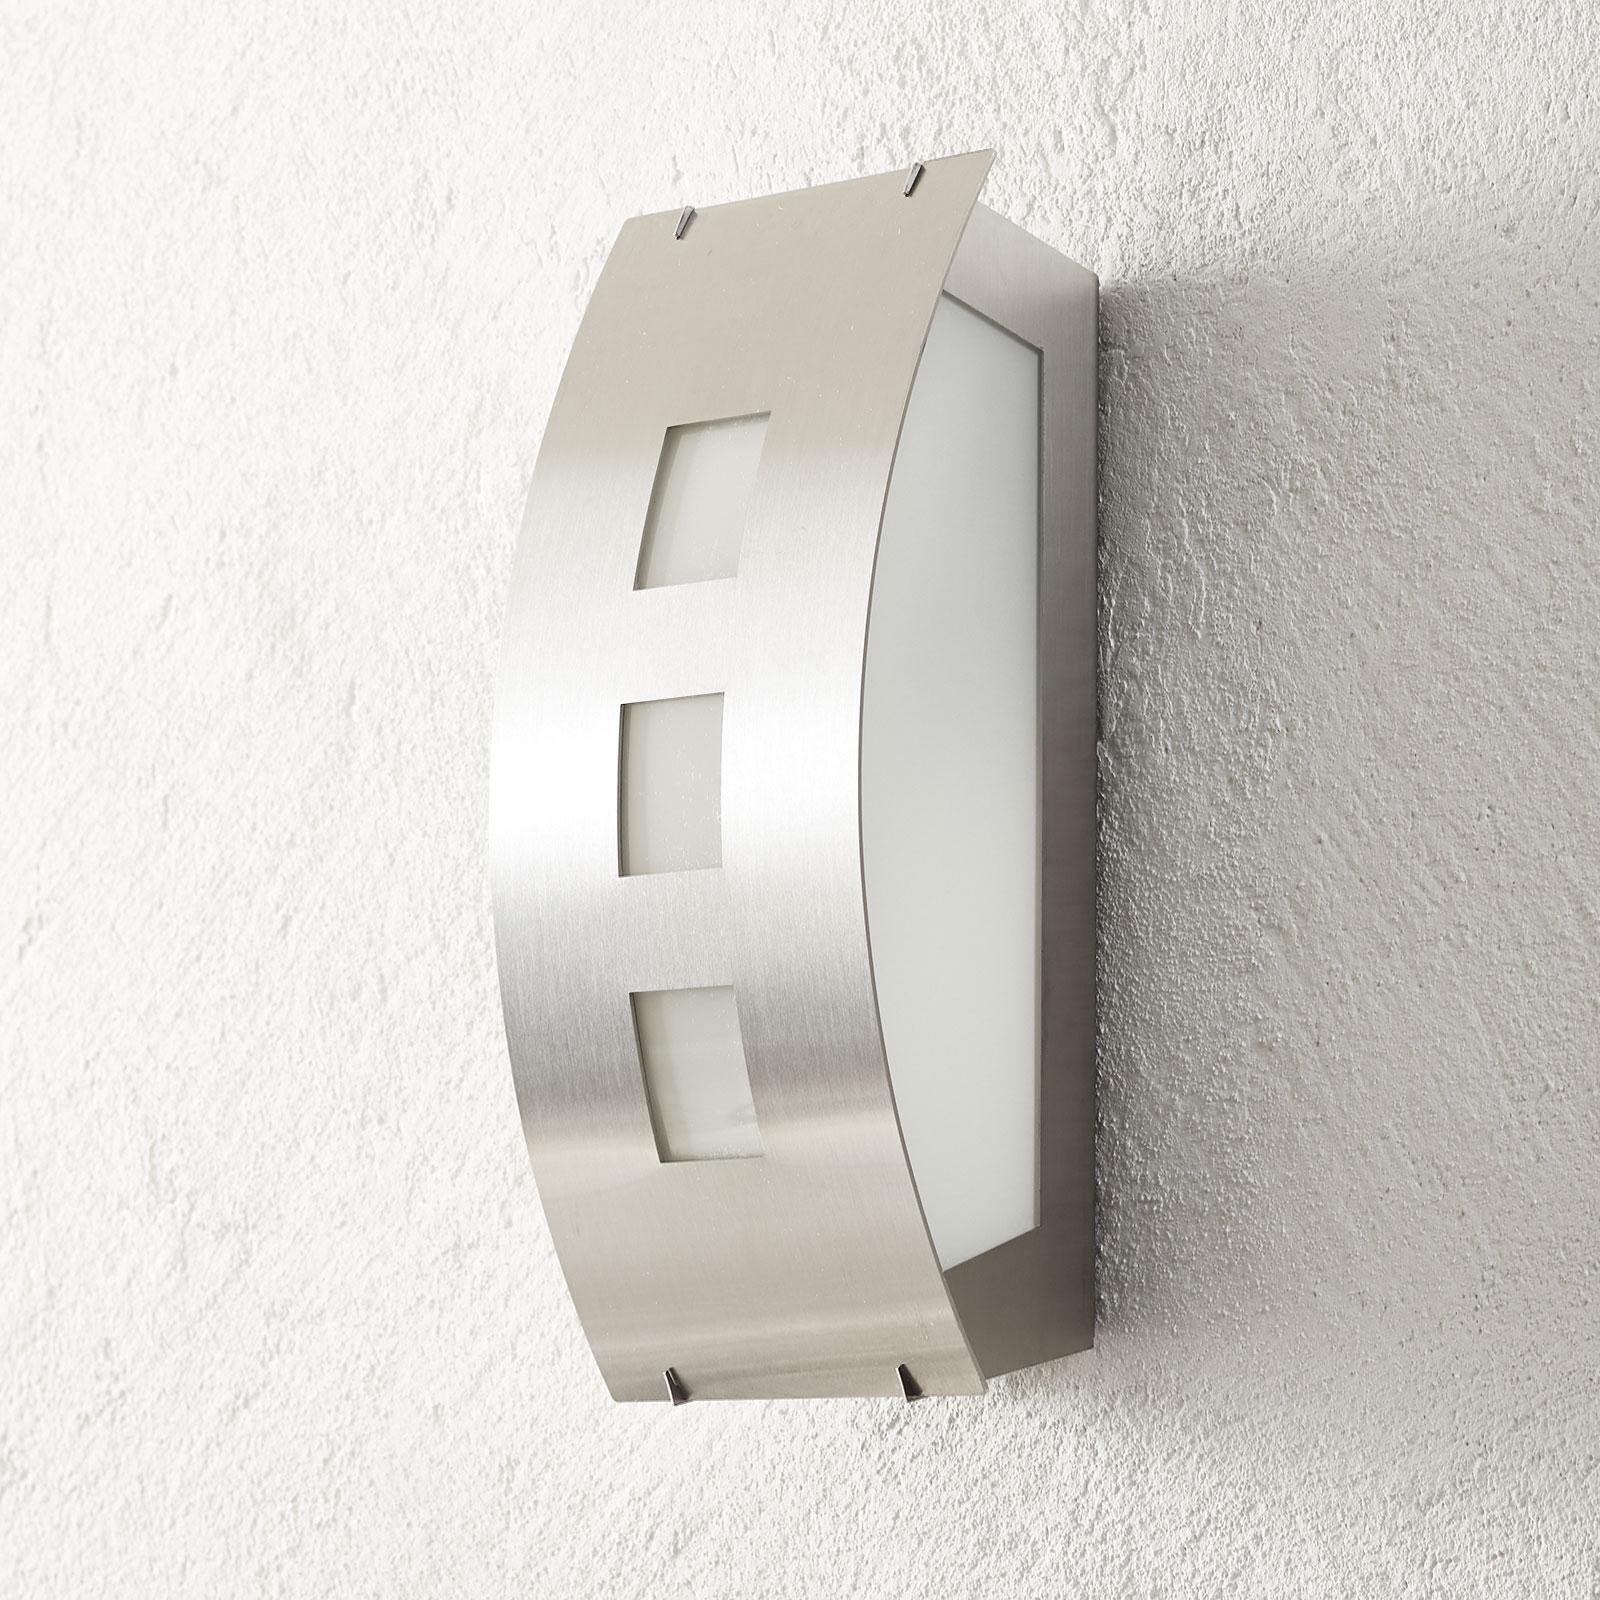 Lampada parete esterni Toma, senza sensore